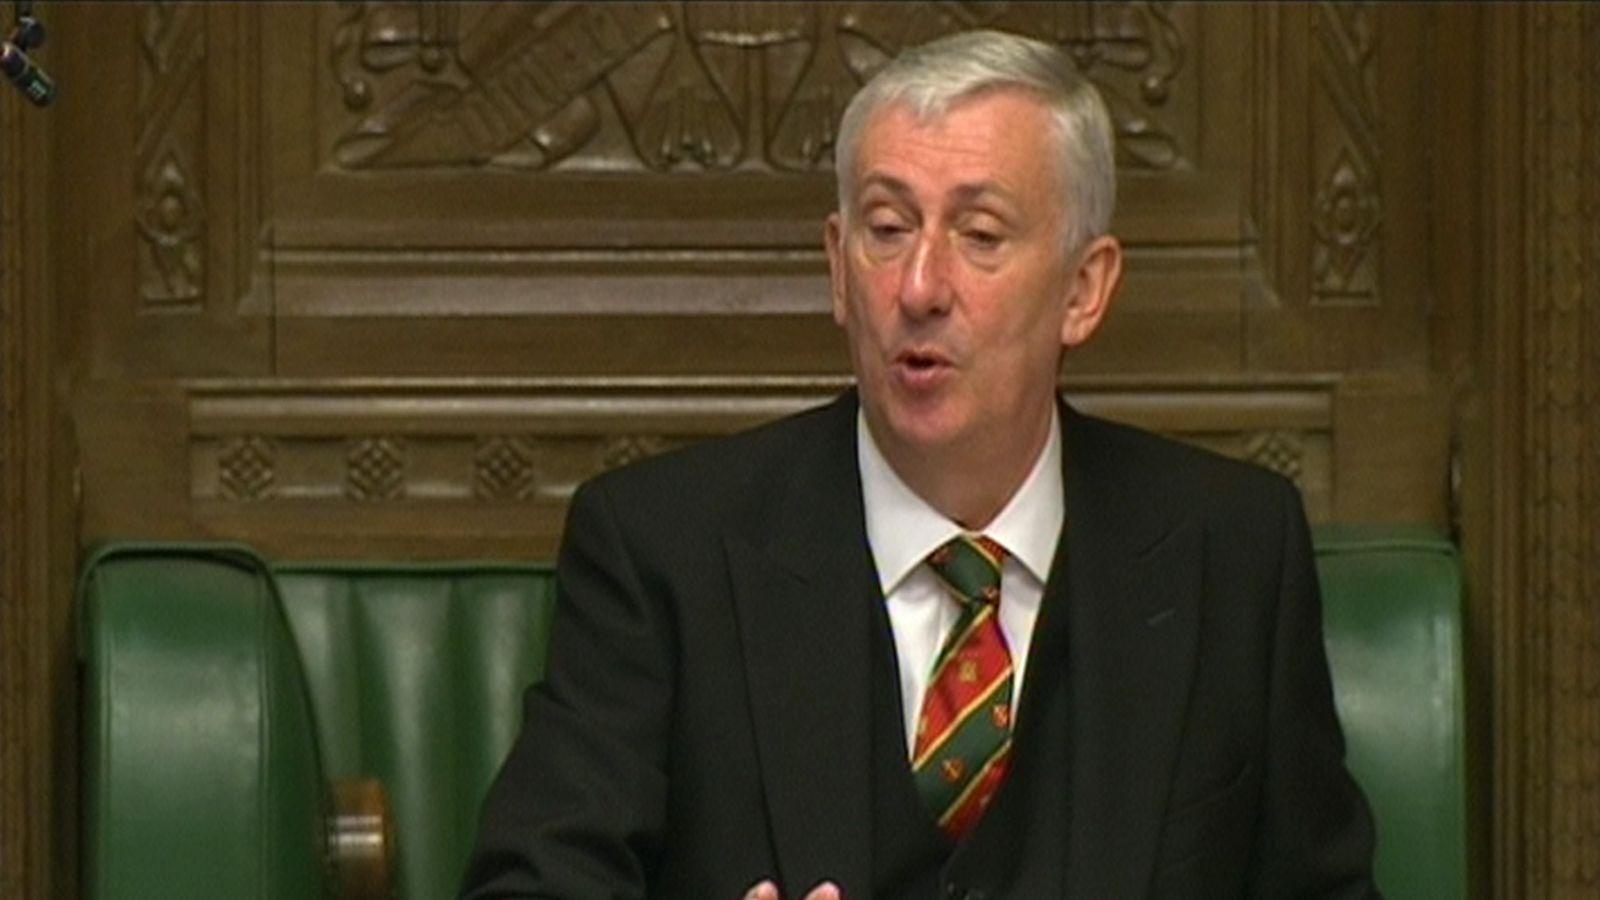 Deputy speaker 'devastated' by daughter's death